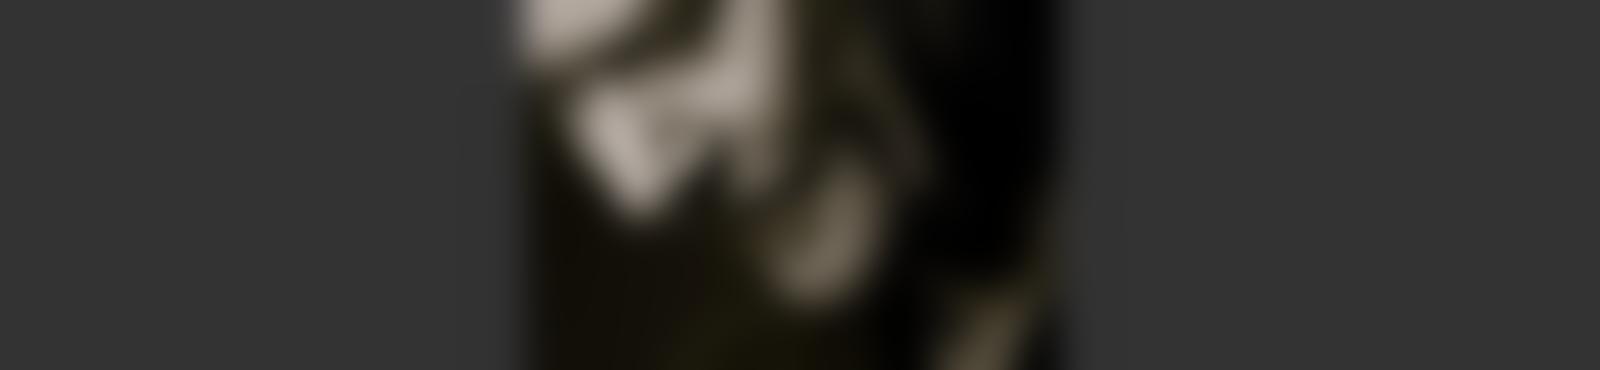 Blurred d45843fd f791 4eb0 9523 5e4cc9aaa9f1